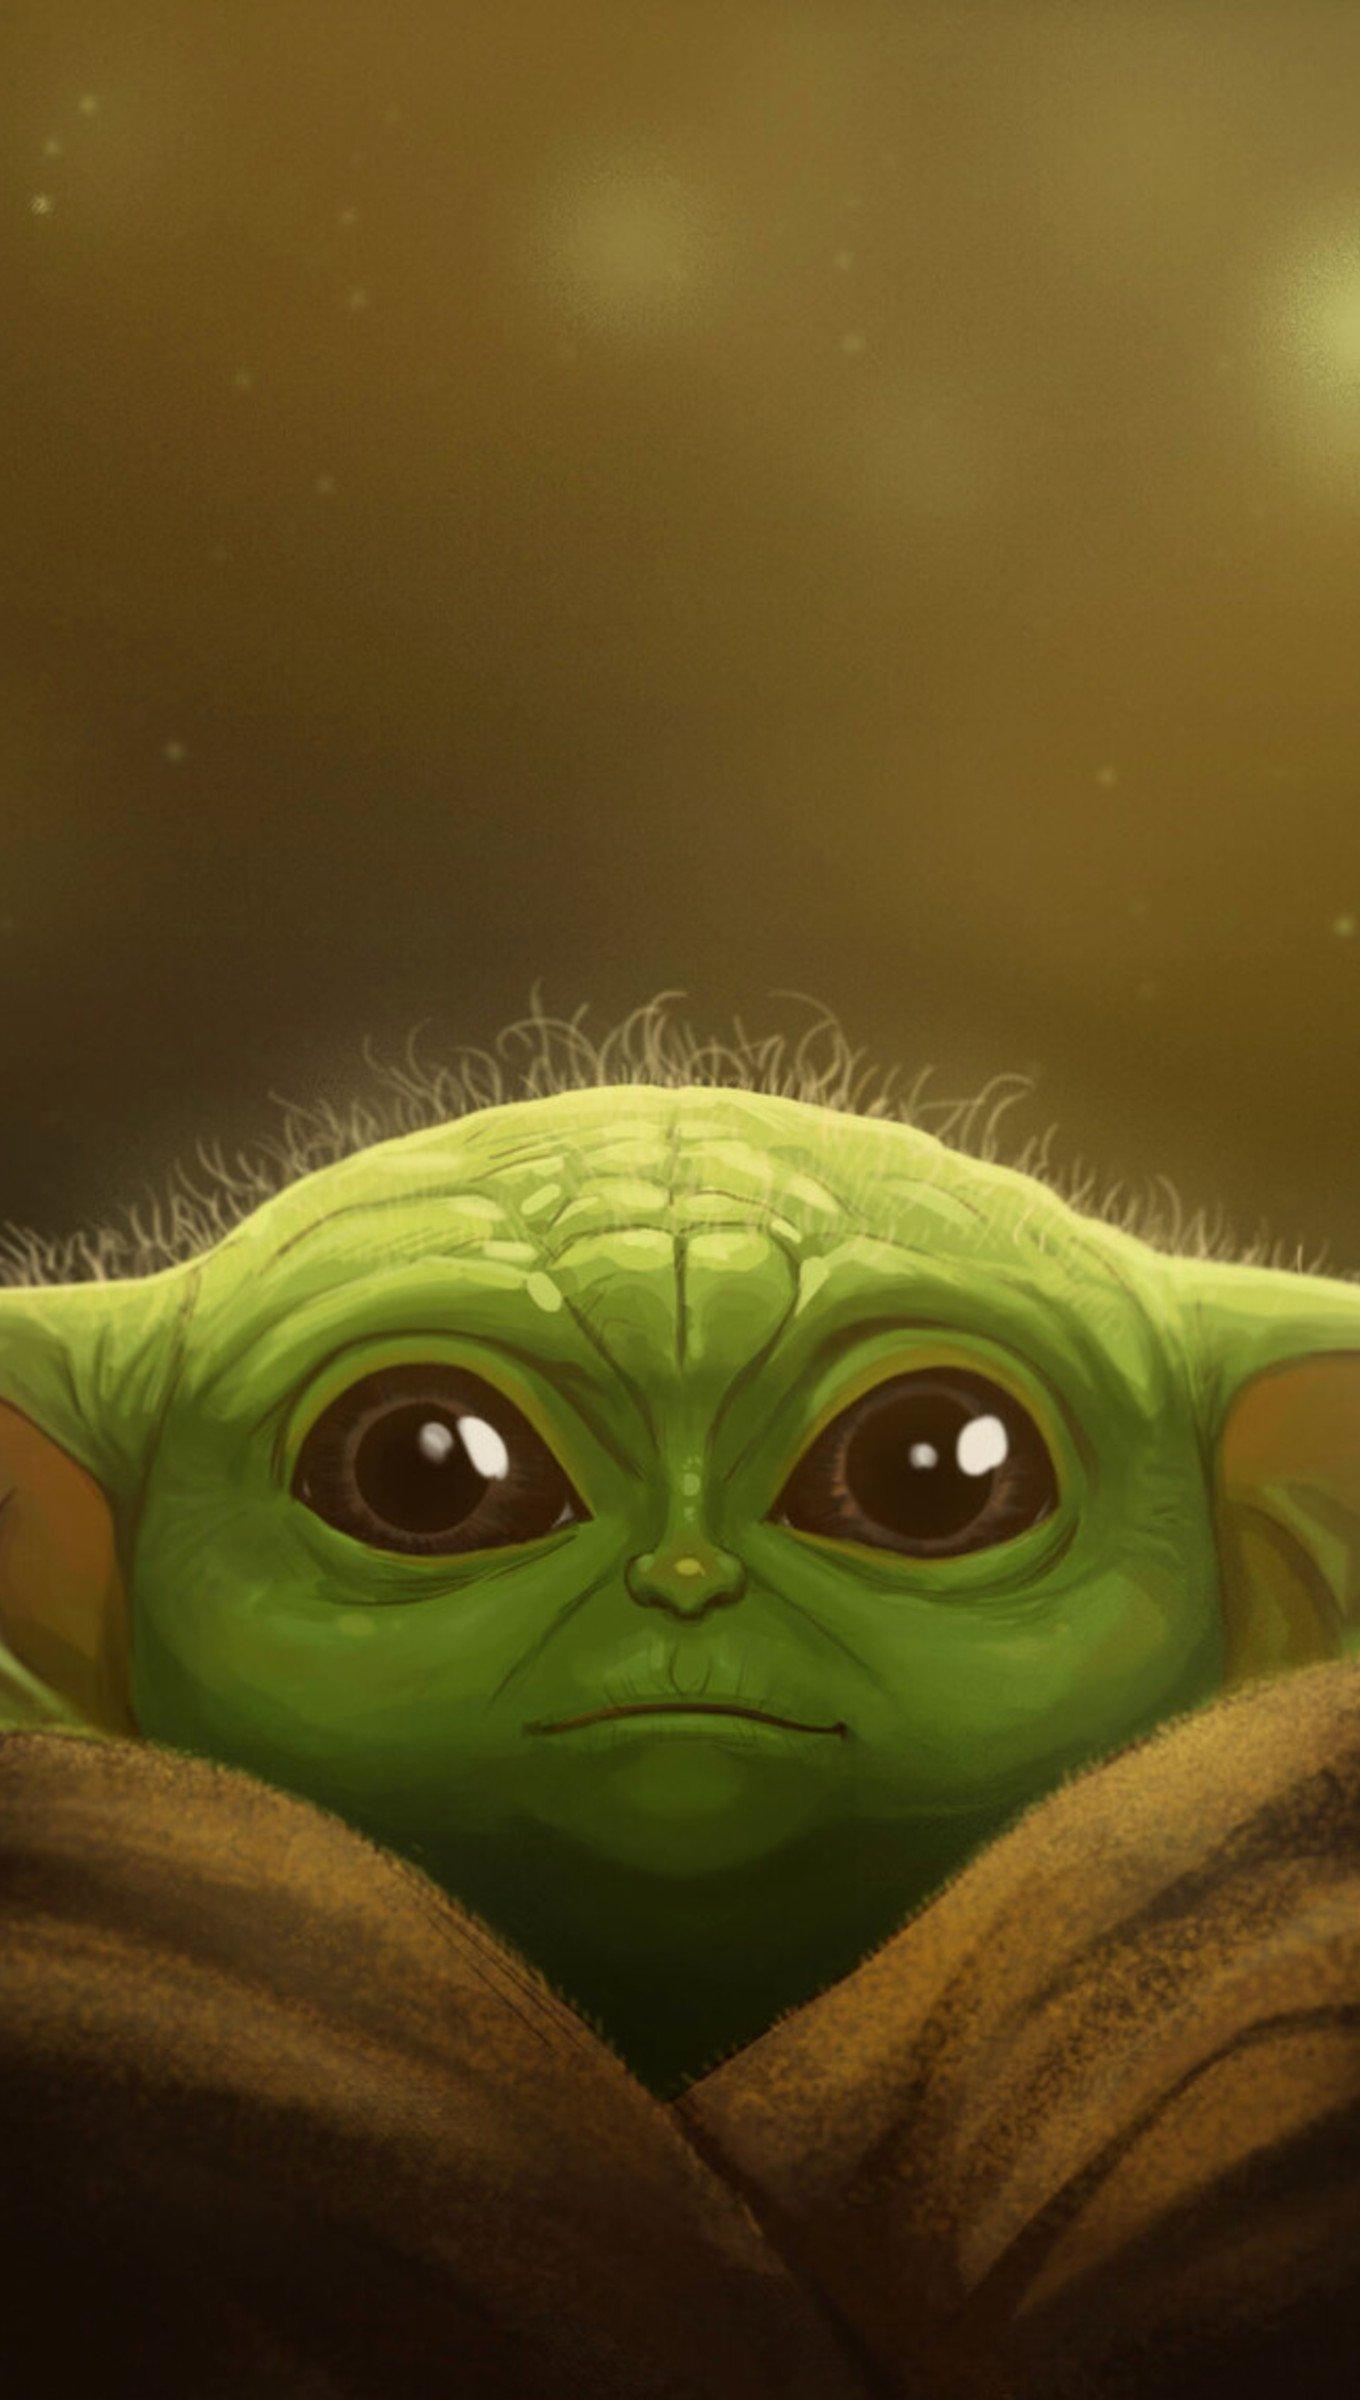 Fondos de pantalla Yoda bebé Fanart Vertical